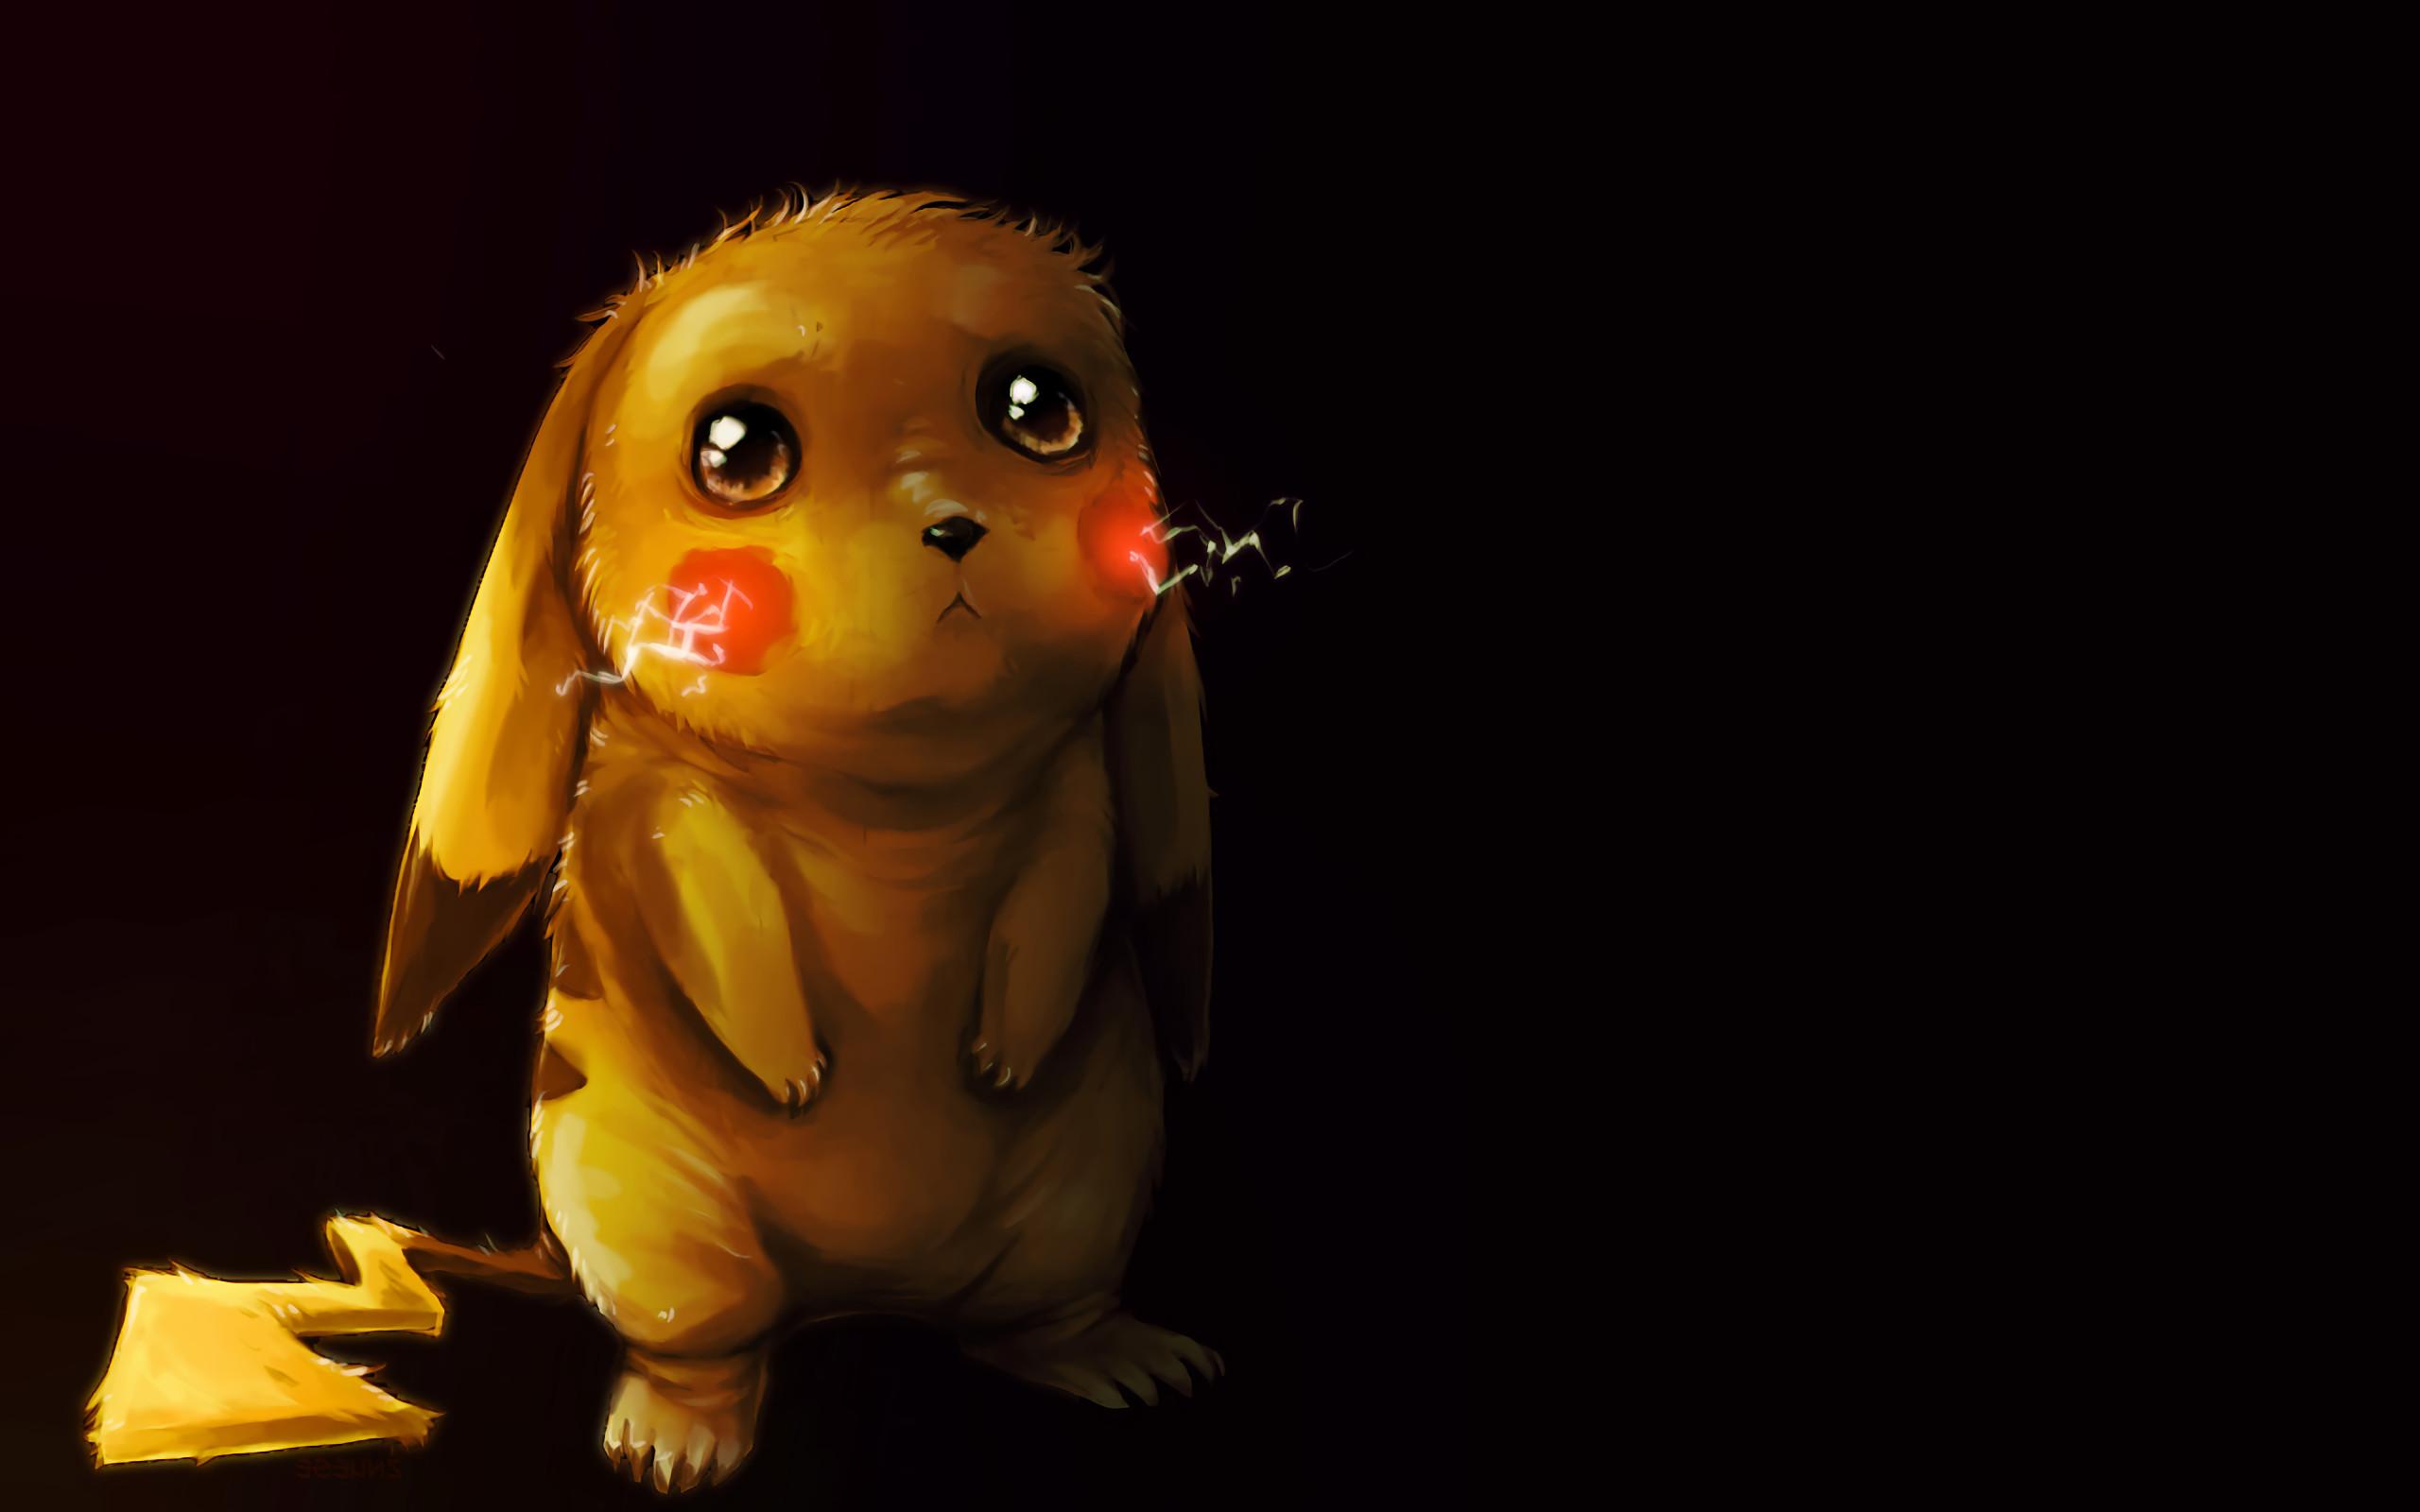 Anime Pokemon Pikachu Pokémon Sad Cute Electric Pokémon Wallpaper